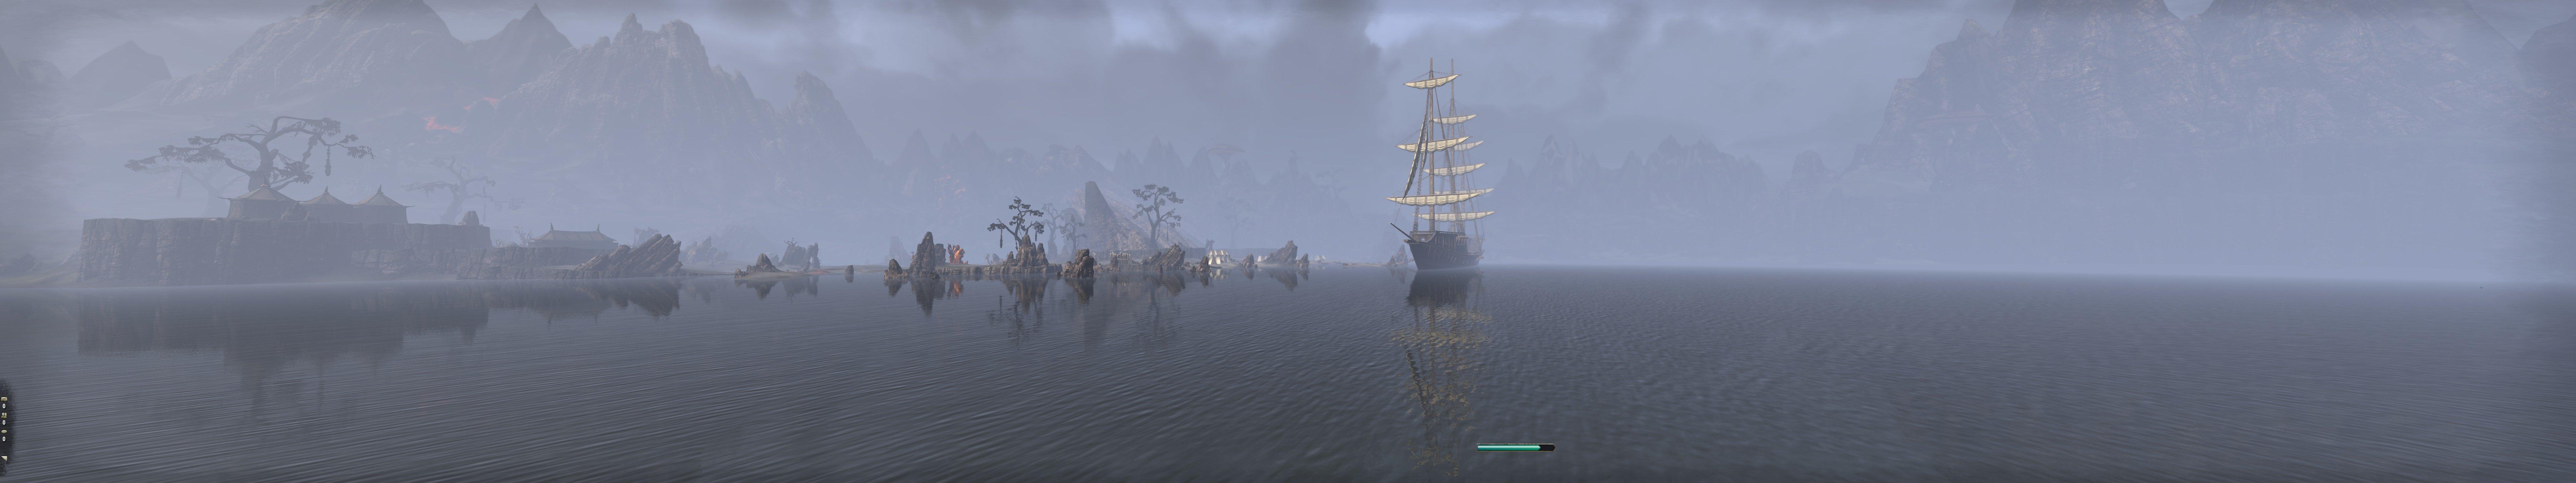 Пачка скриншотов из The Elder Scrolls Online на максимальных настройках в разрешении 7680x1440 - Изображение 6